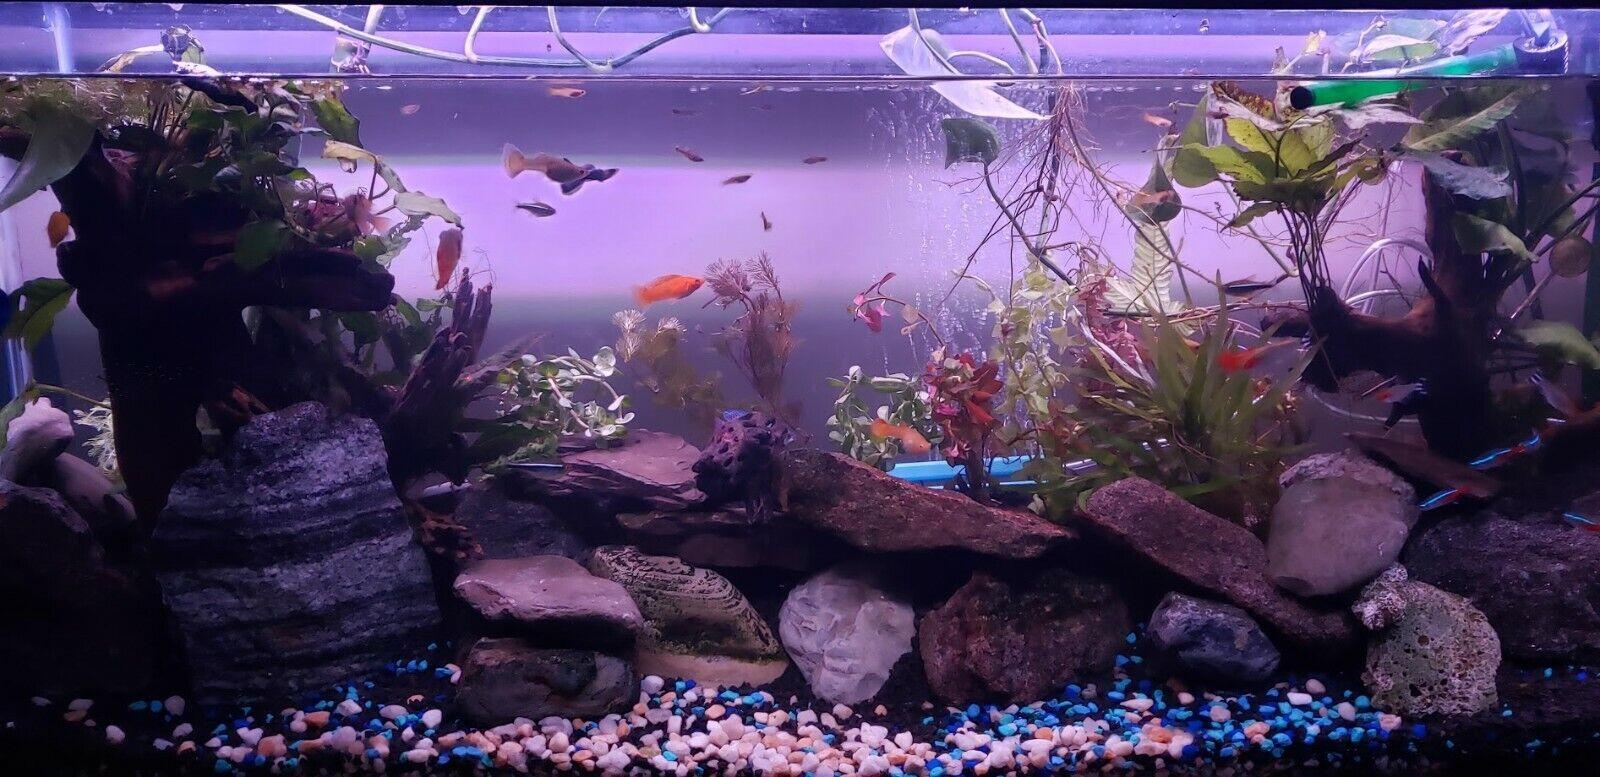 10 DIFFERENT SPECIES 50+ stems FULL 30g planted tank easy beginner aquarium 2